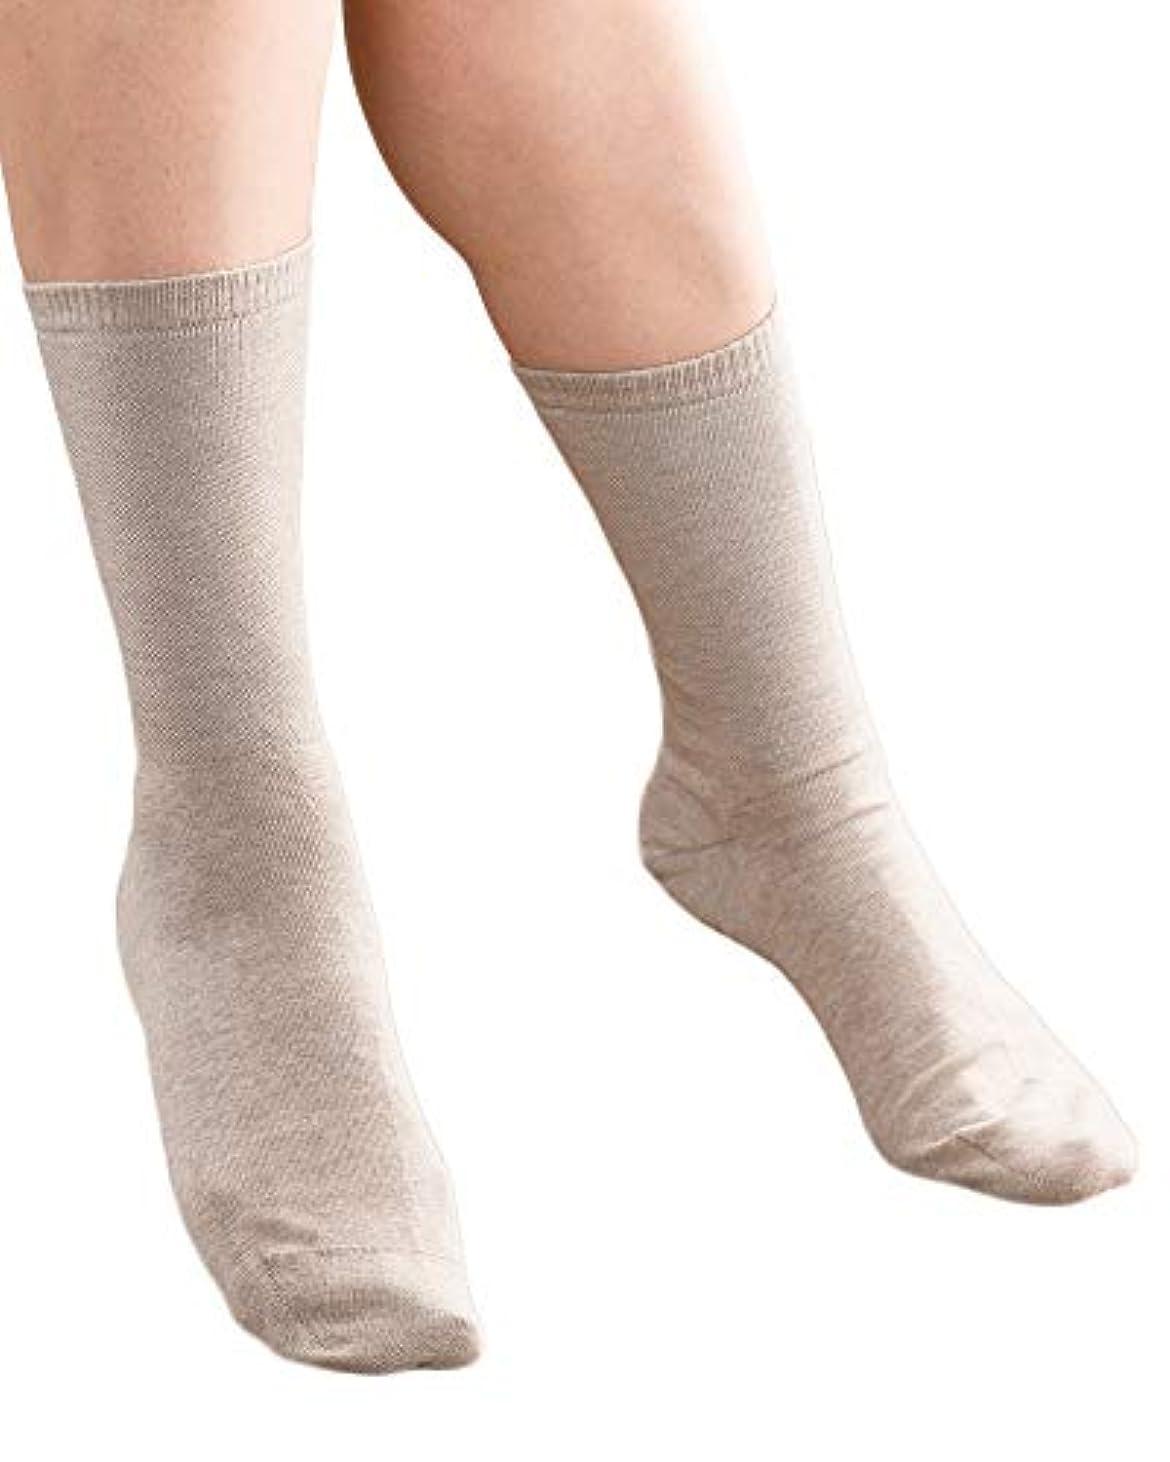 サンダー付属品立方体〈ギロファ ナチュラルライン〉しめつけない靴下 (L, ベージュ)